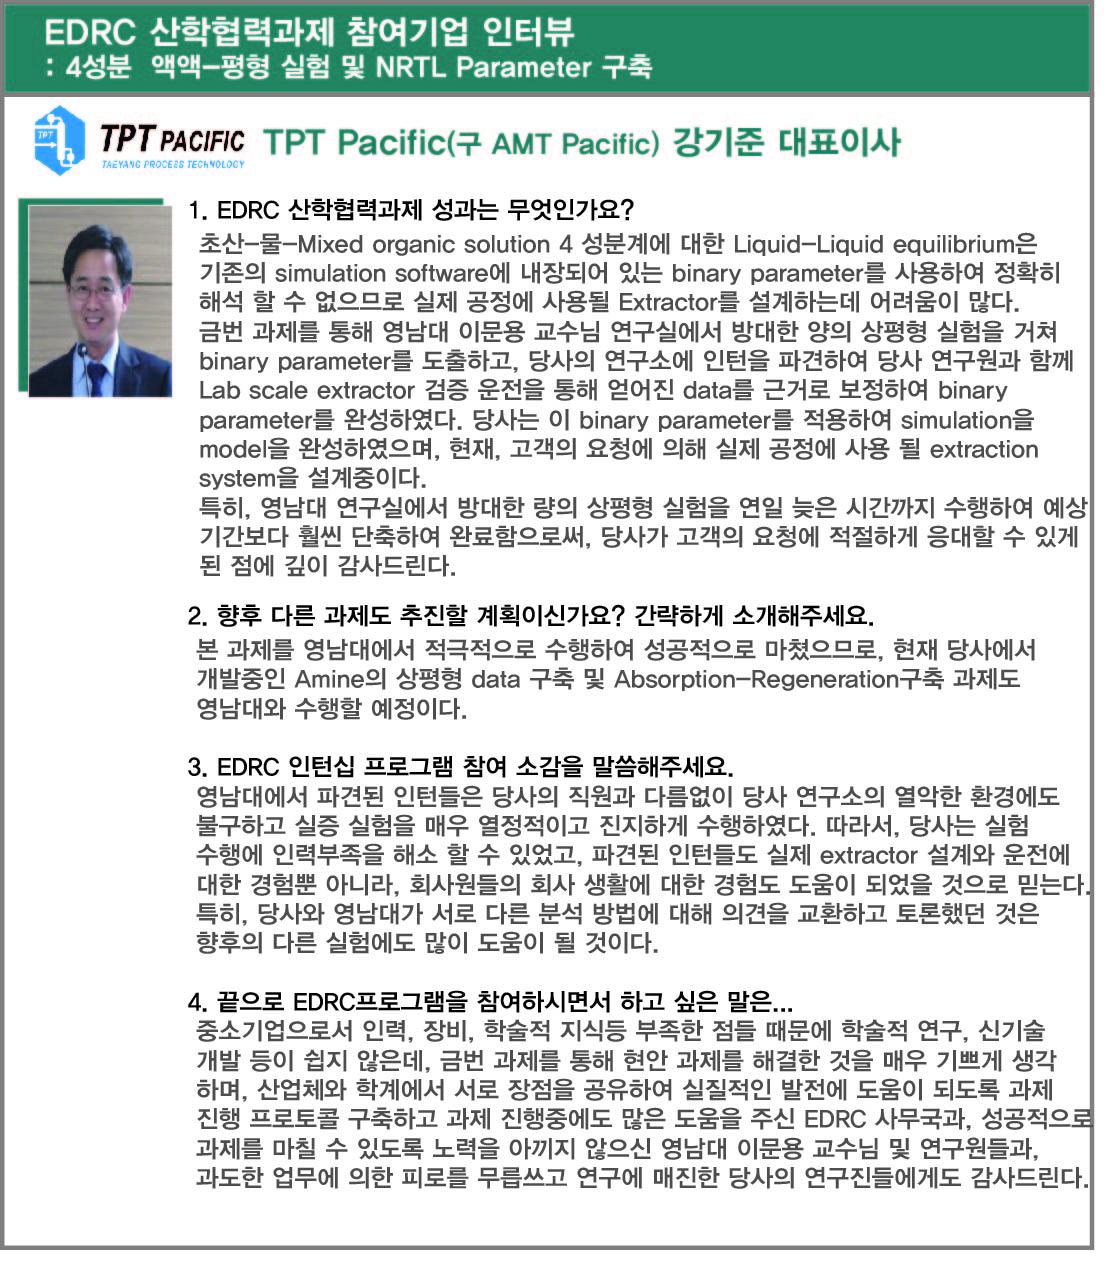 산학협력과제_성과(기업)_tpt pacific.jpg